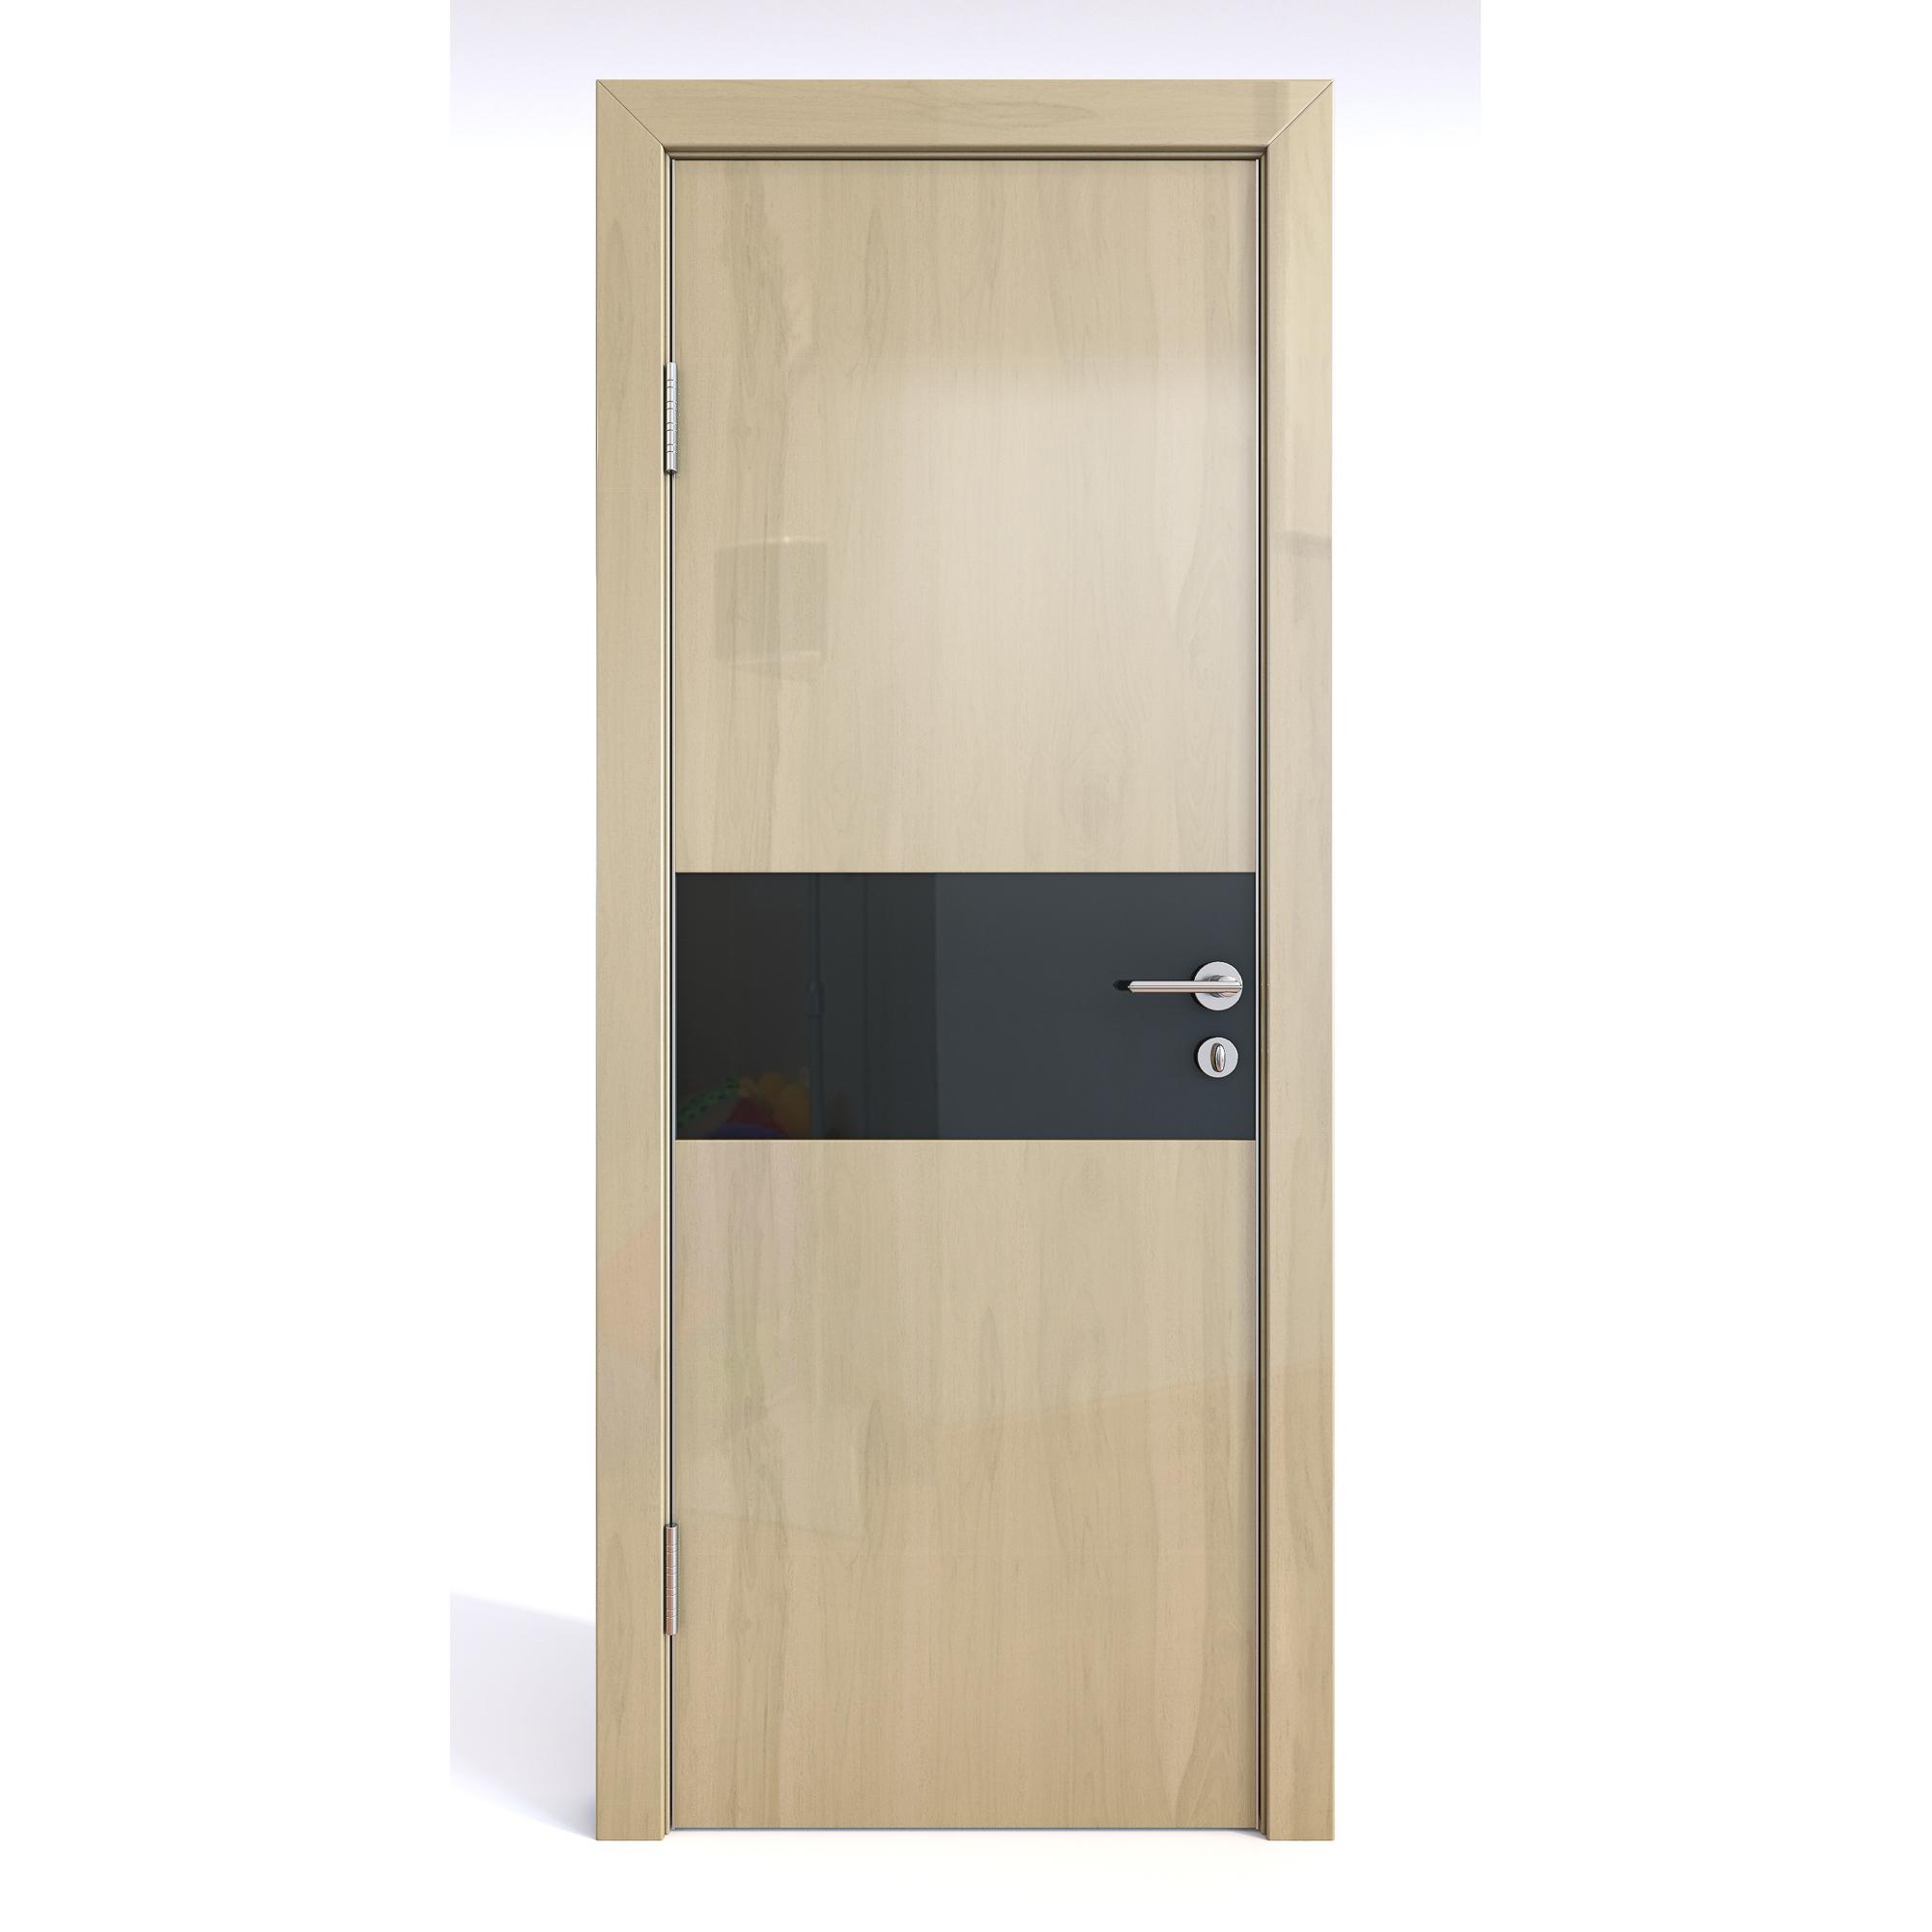 Межкомнатная шумоизоляционная дверь ДО-601 Анегри светлый глянец/черное 200х80 фото